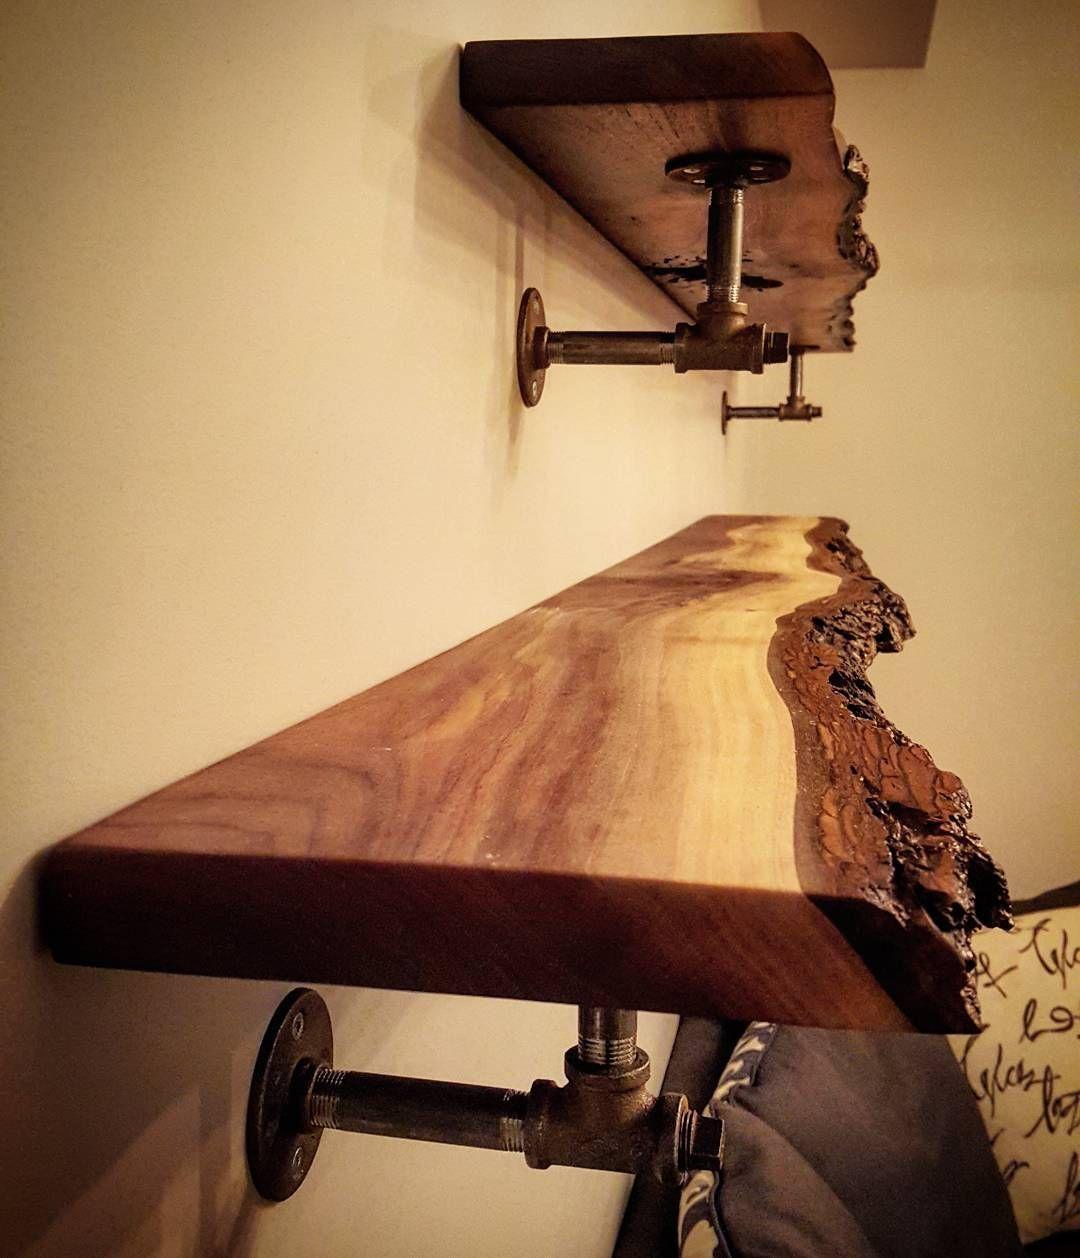 Live Edge Black Walnut Shelves Ideas For Home